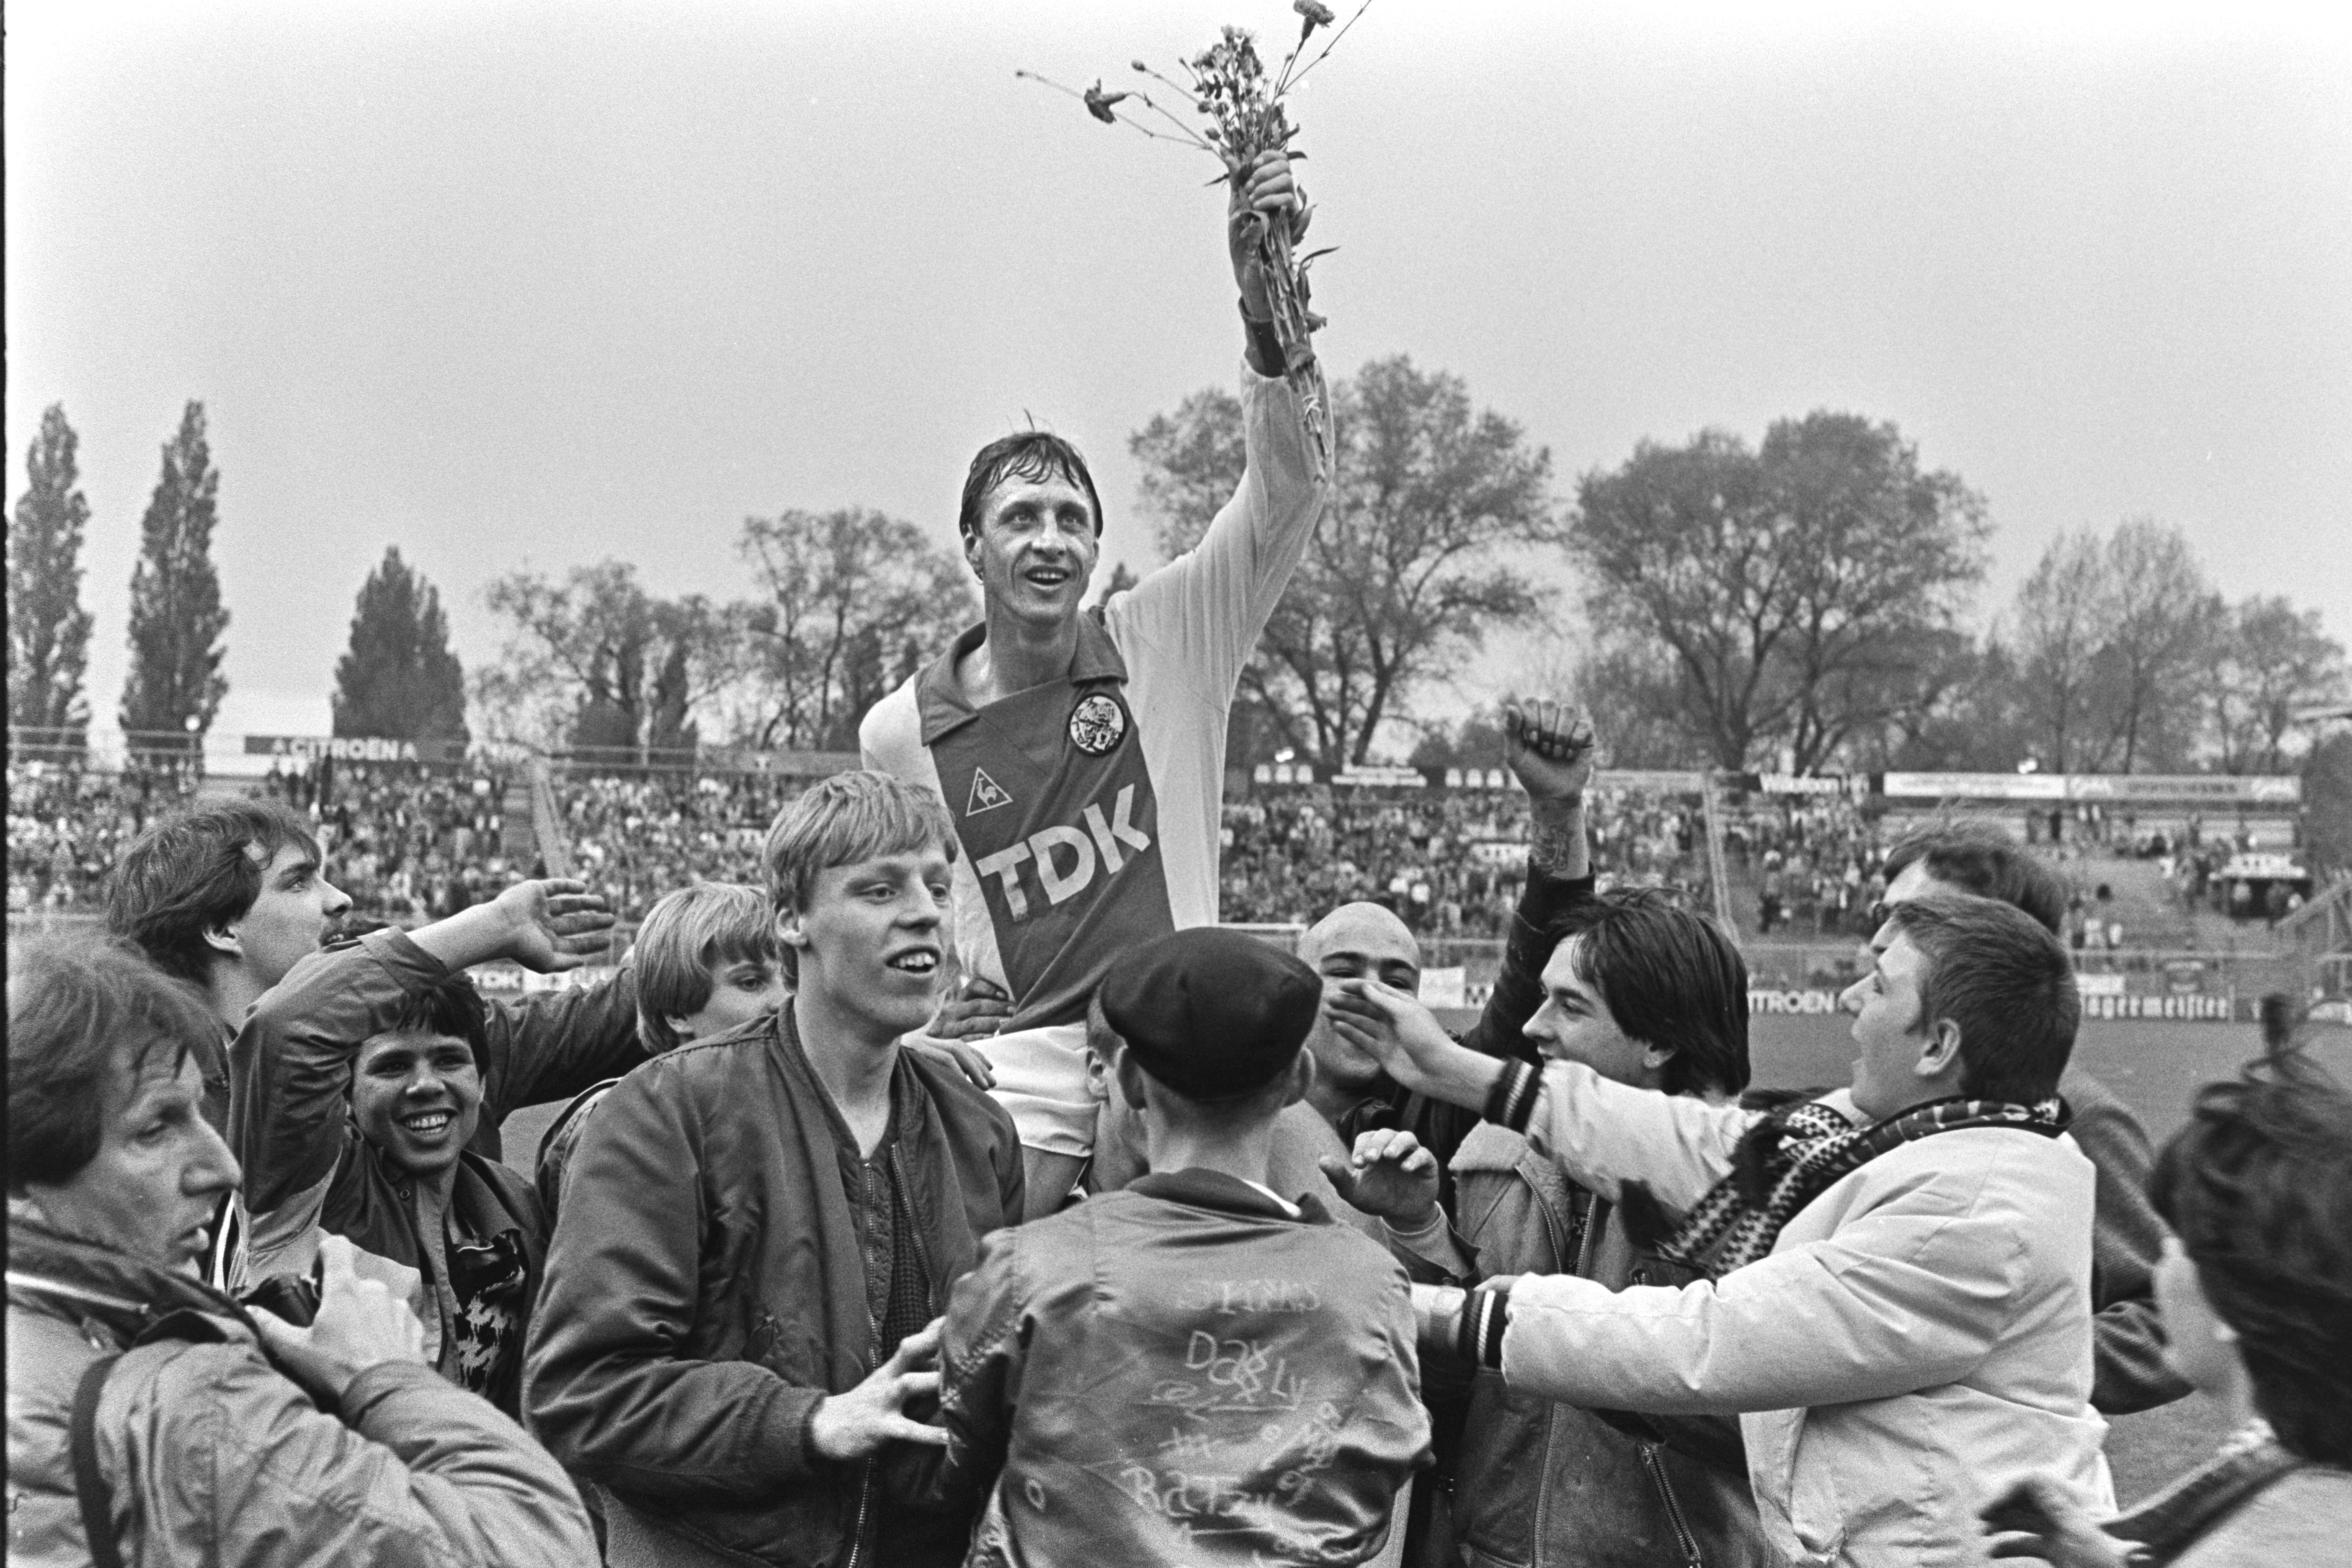 Johan Cruijff (1947-2016)